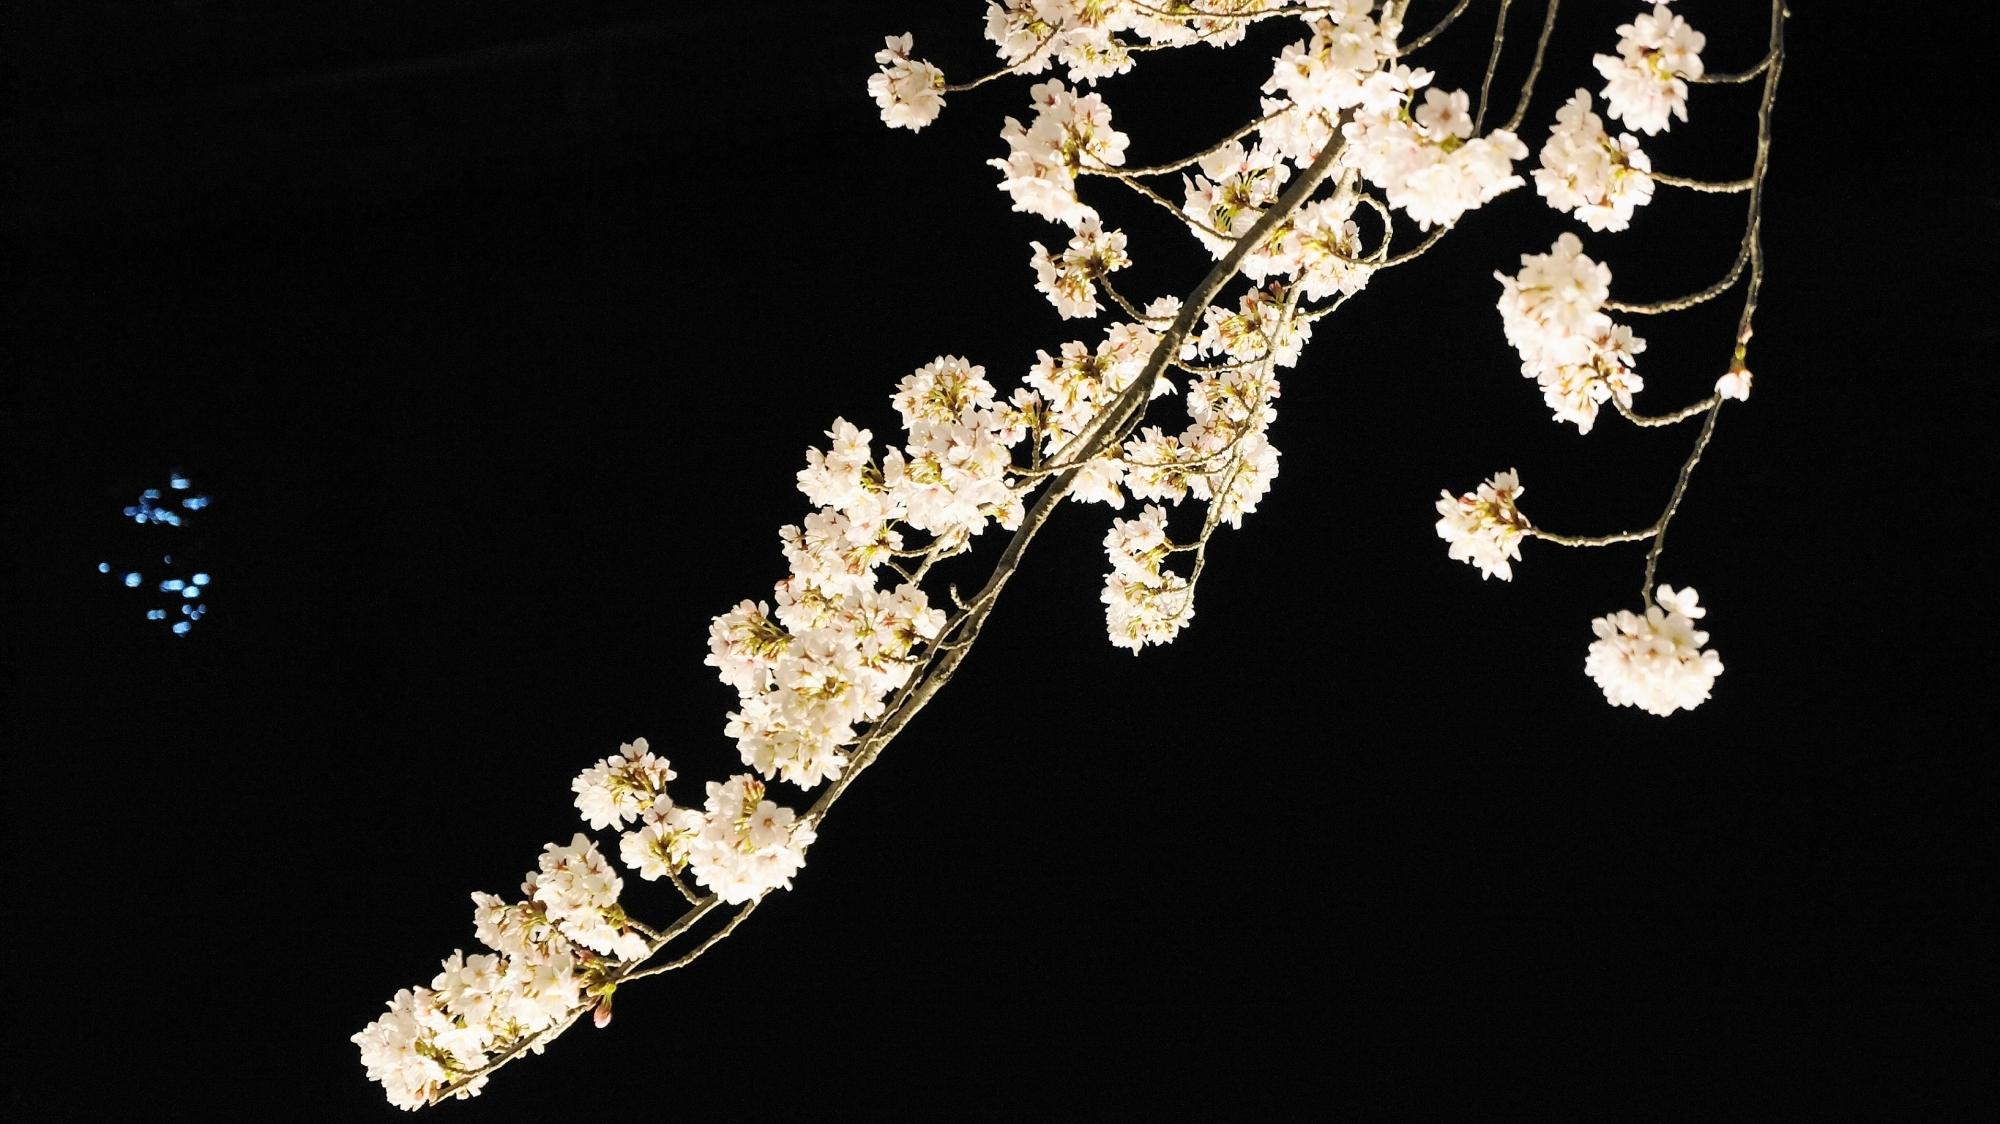 桜の名所の琵琶湖疏水の夜桜ライトアップ